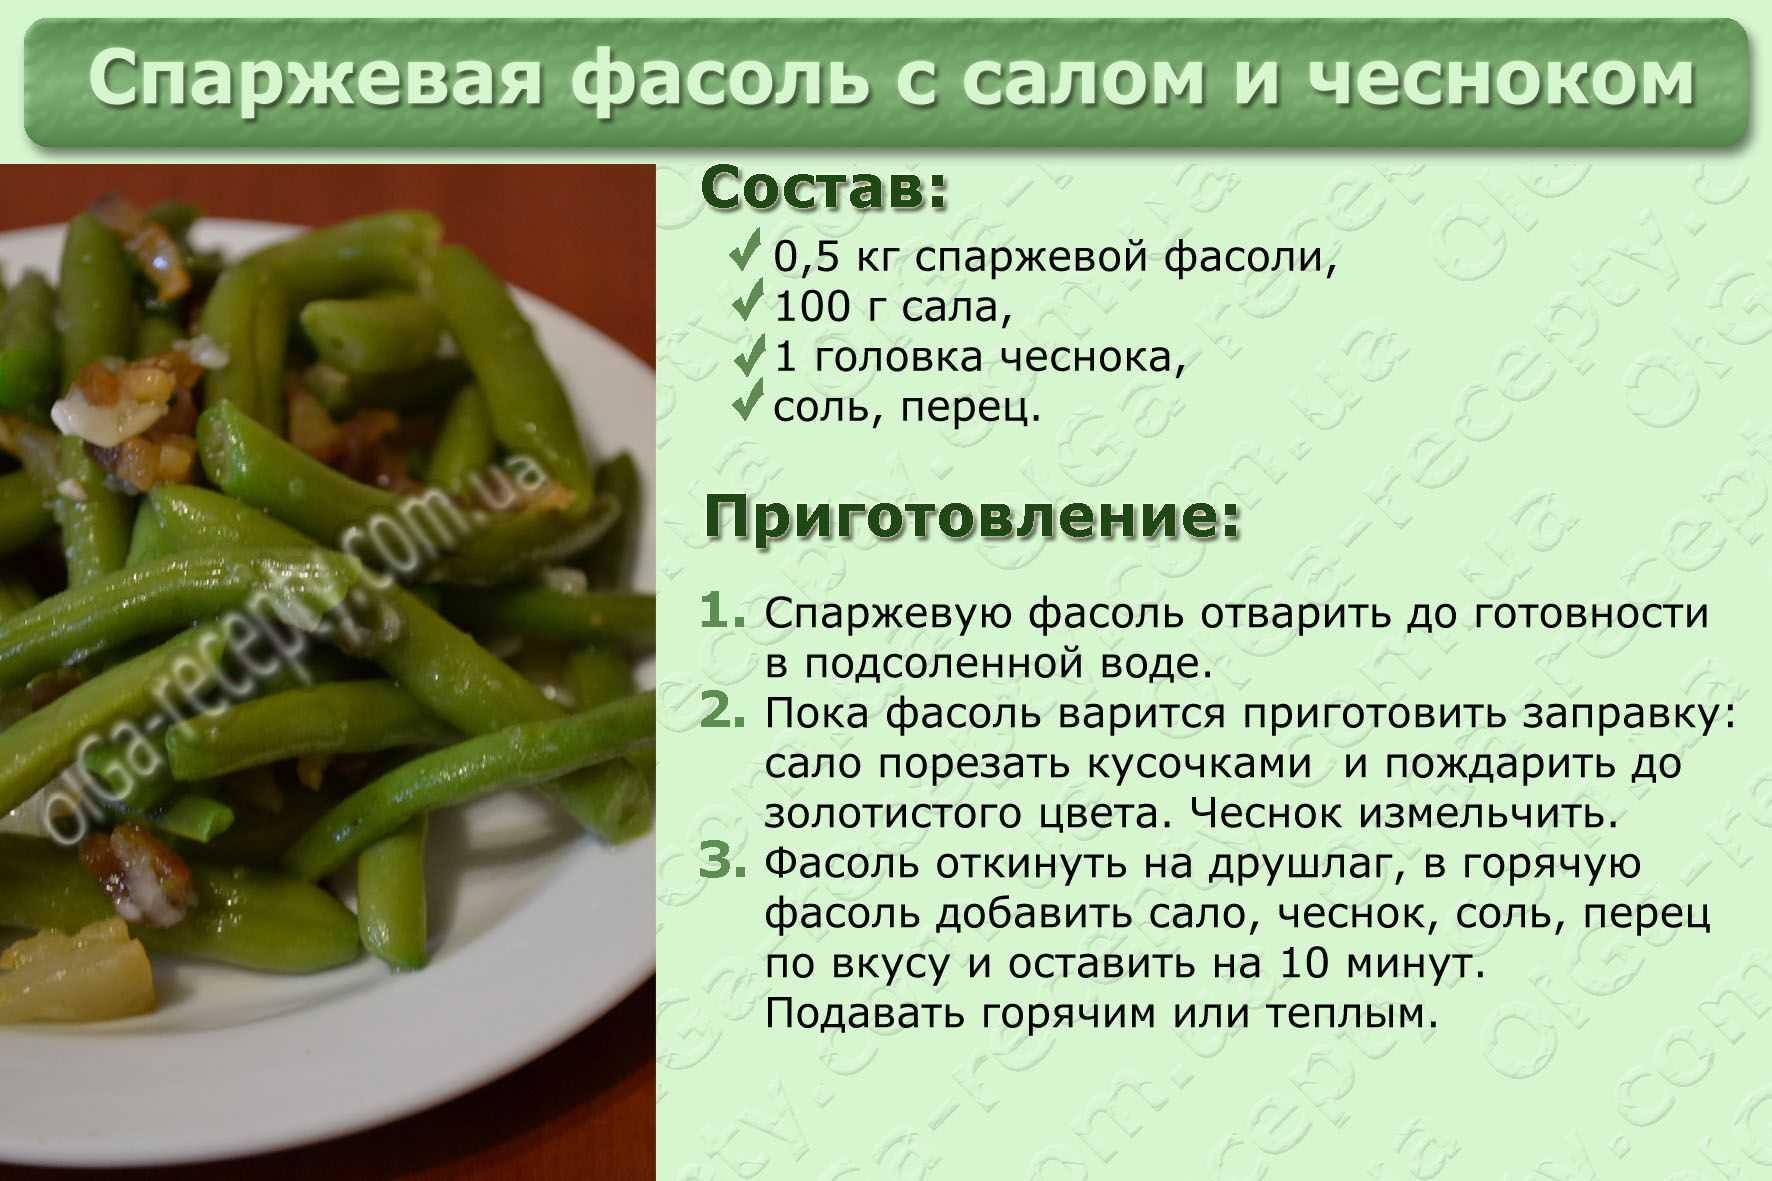 Салат из стручковой фасоли — пять лучших рецептов. как правильно и вкусно приготовить салат из стручковой фасоли.